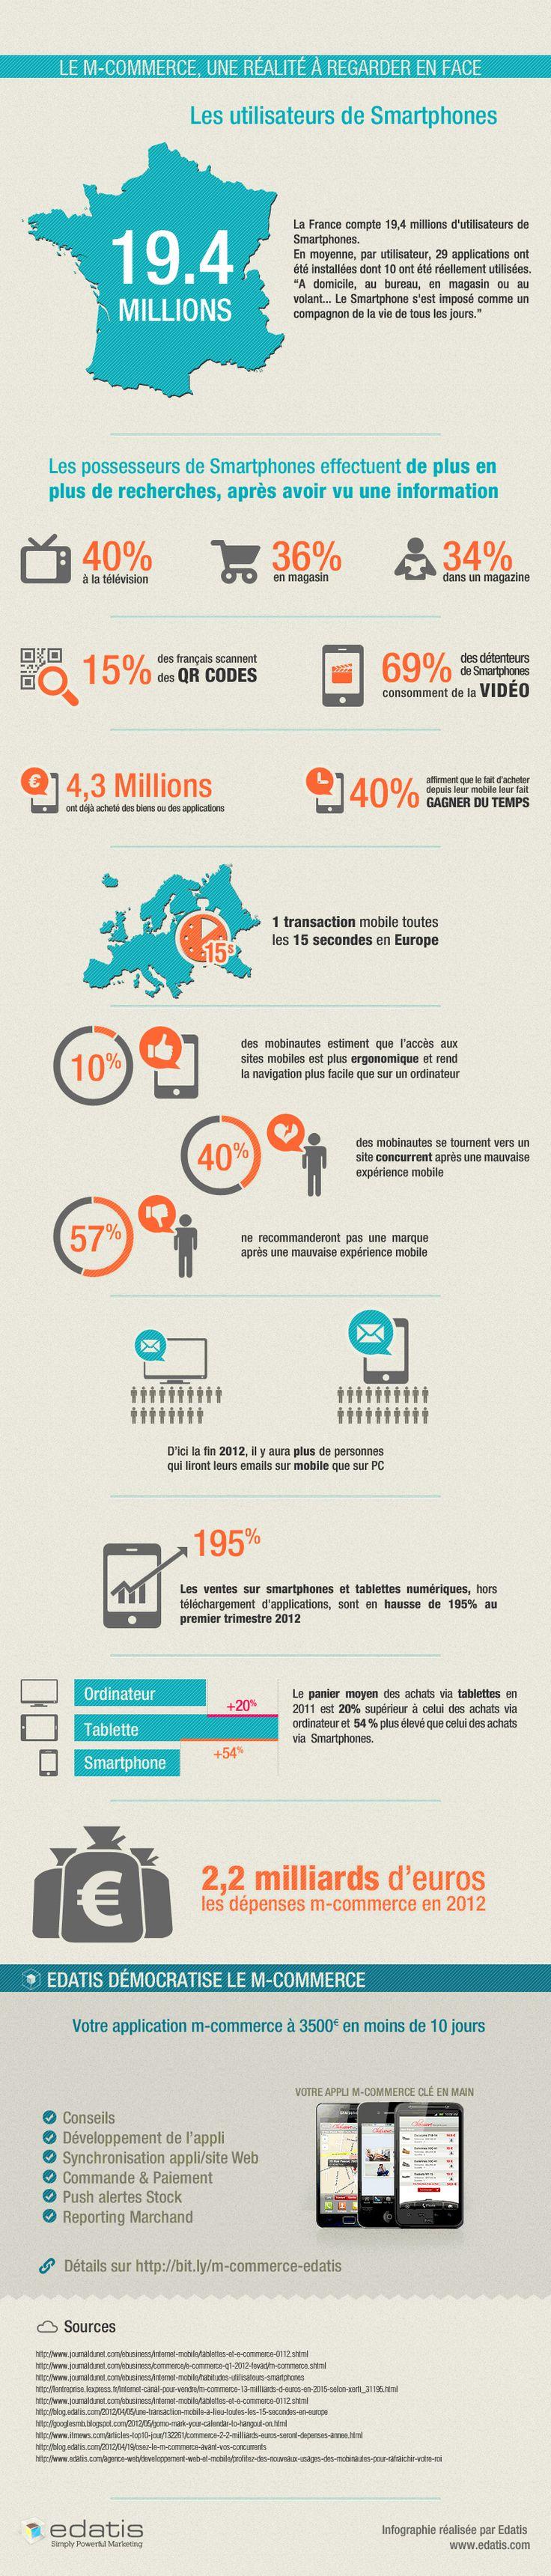 Infographie | Les chiffres du m-commerce en 2012